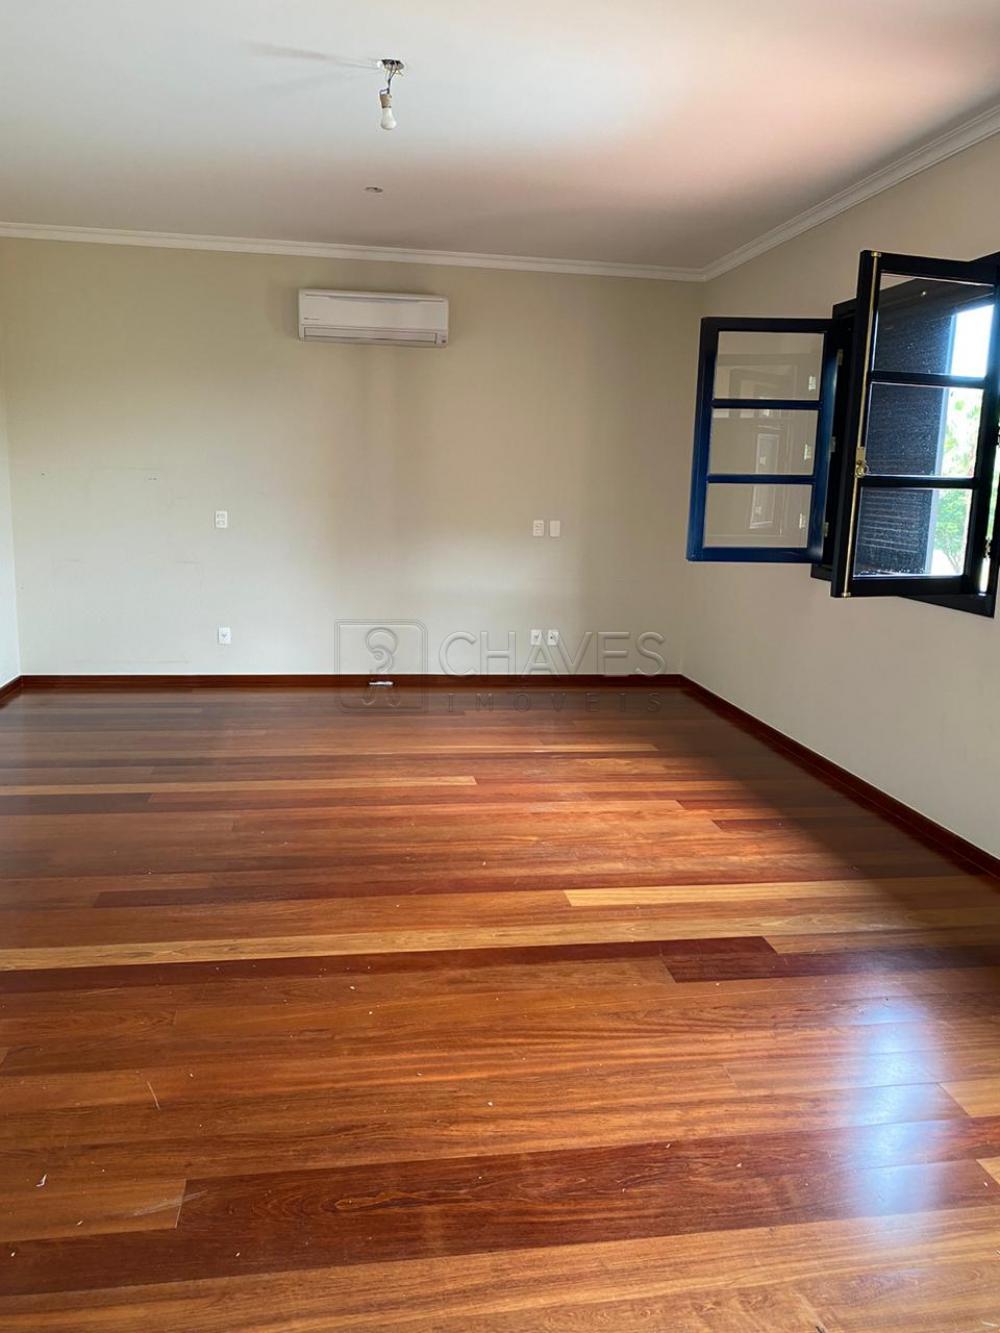 Comprar Casa / Condomínio em Ribeirão Preto apenas R$ 4.900.000,00 - Foto 10